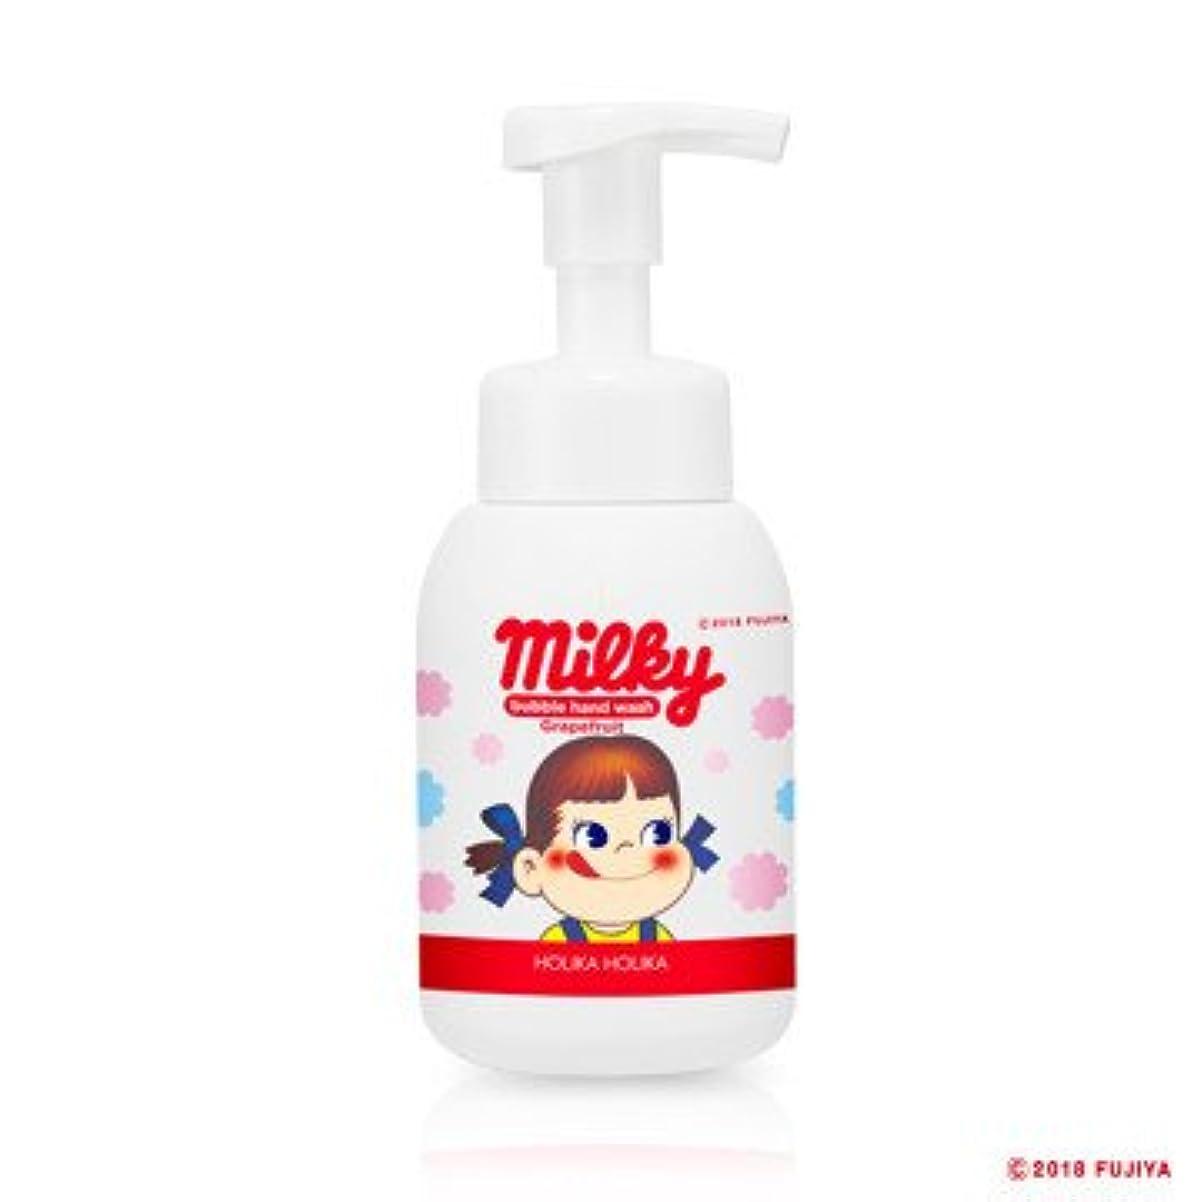 地中海シーサイド忘れっぽいHolika Holika [Sweet Peko Edition] Bubble Hand Wash/ホリカホリカ [スイートペコエディション] バブルハンドウォッシュ 250ml [並行輸入品]